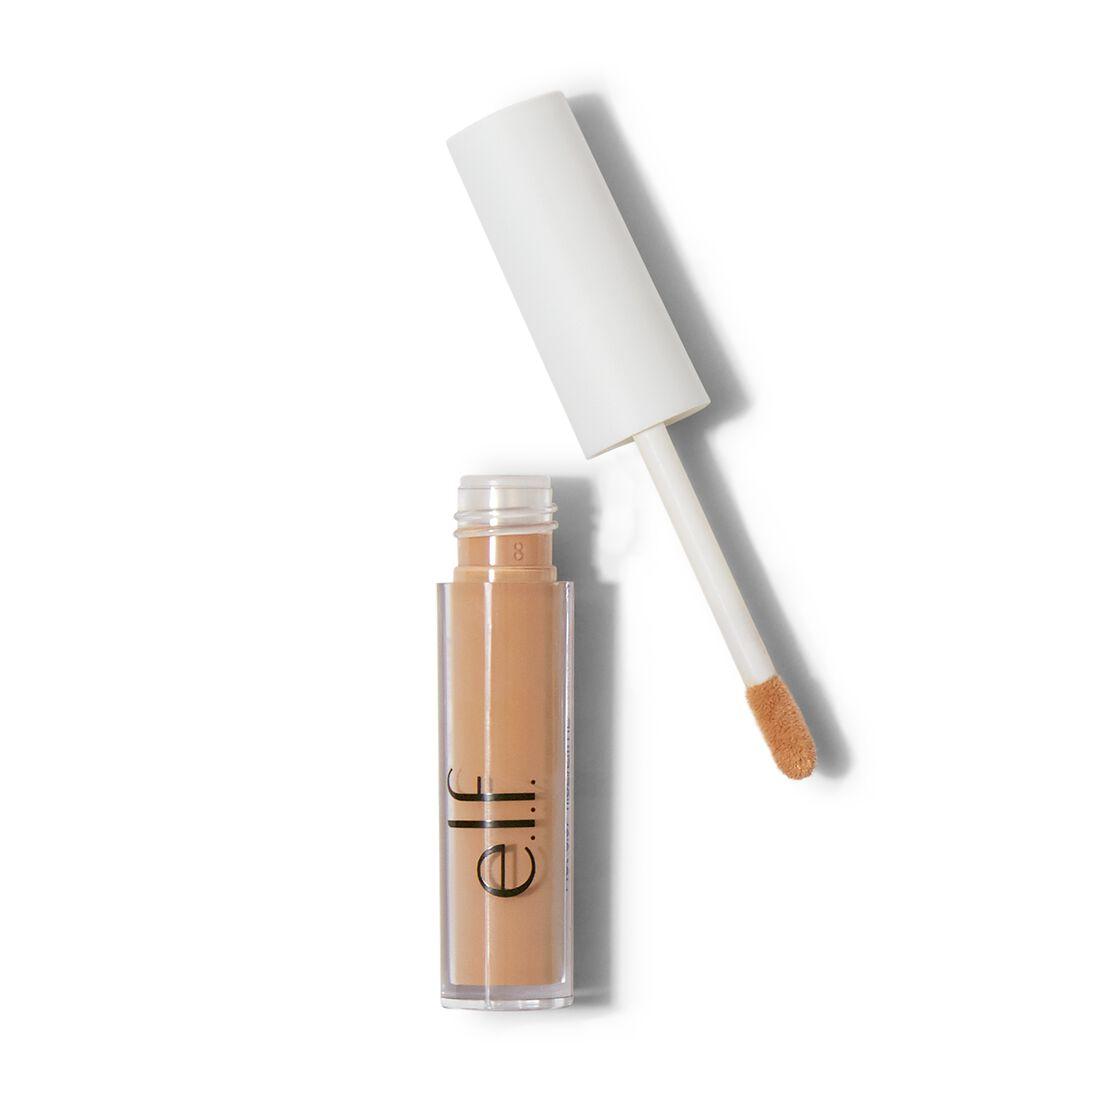 E.l.f Cosmetics - Perfect Blend Concealer